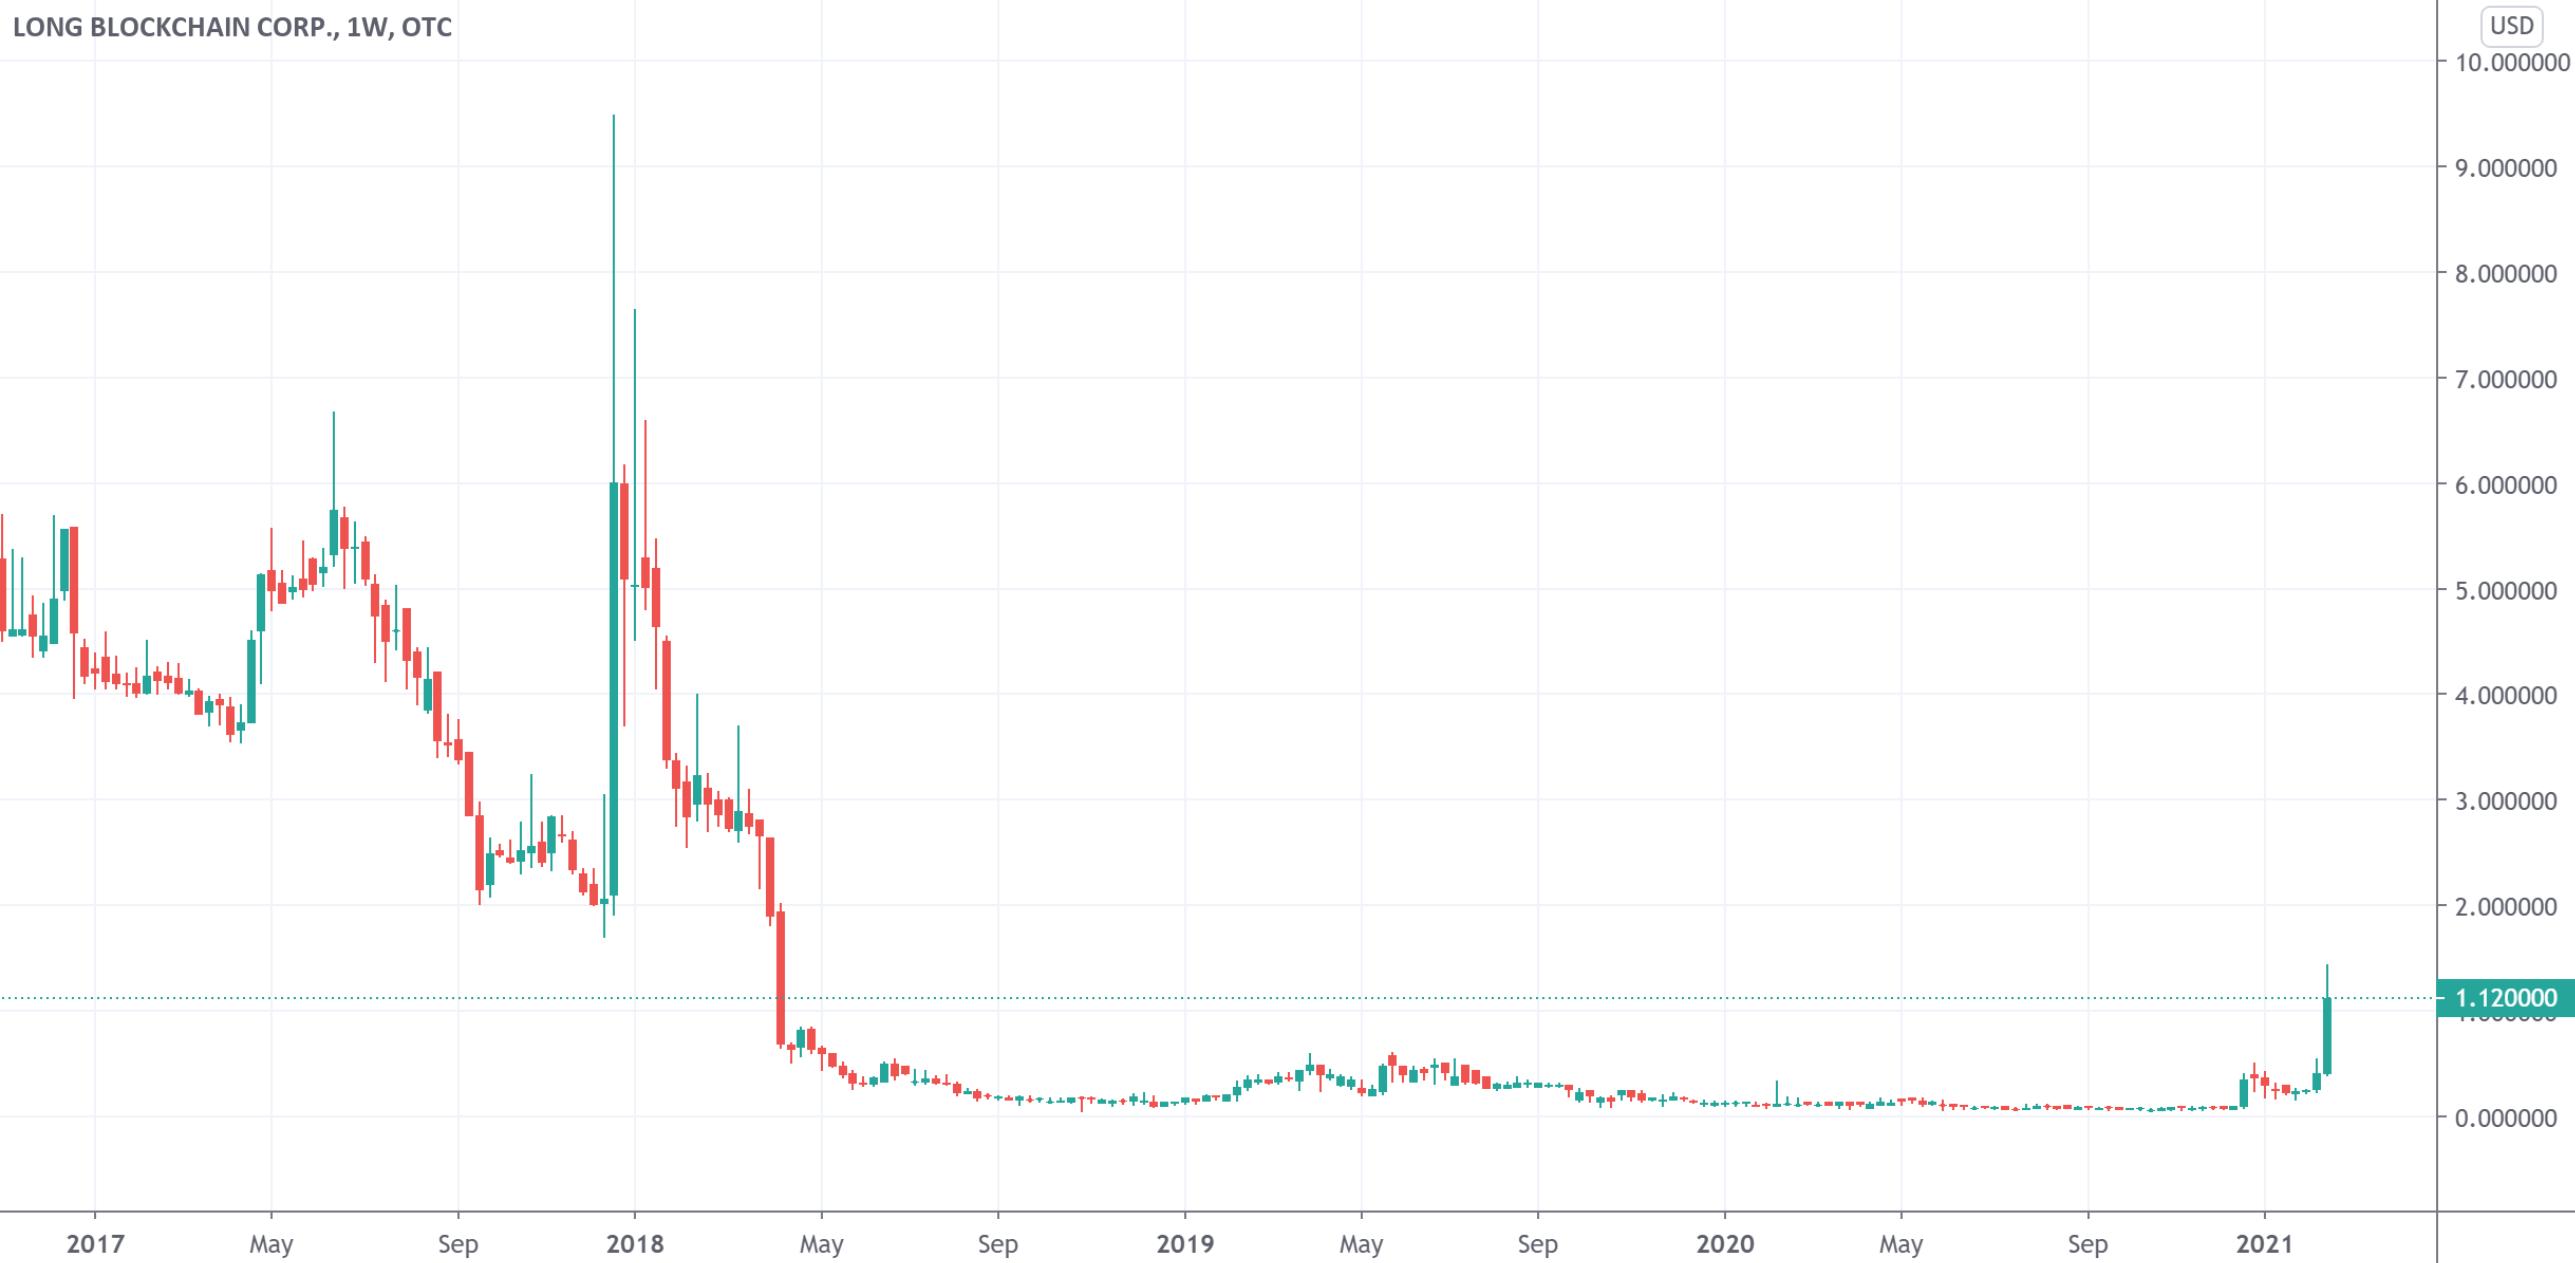 比特币大涨背后的阴影:Long Blockchain遭美国SEC勒令摘牌